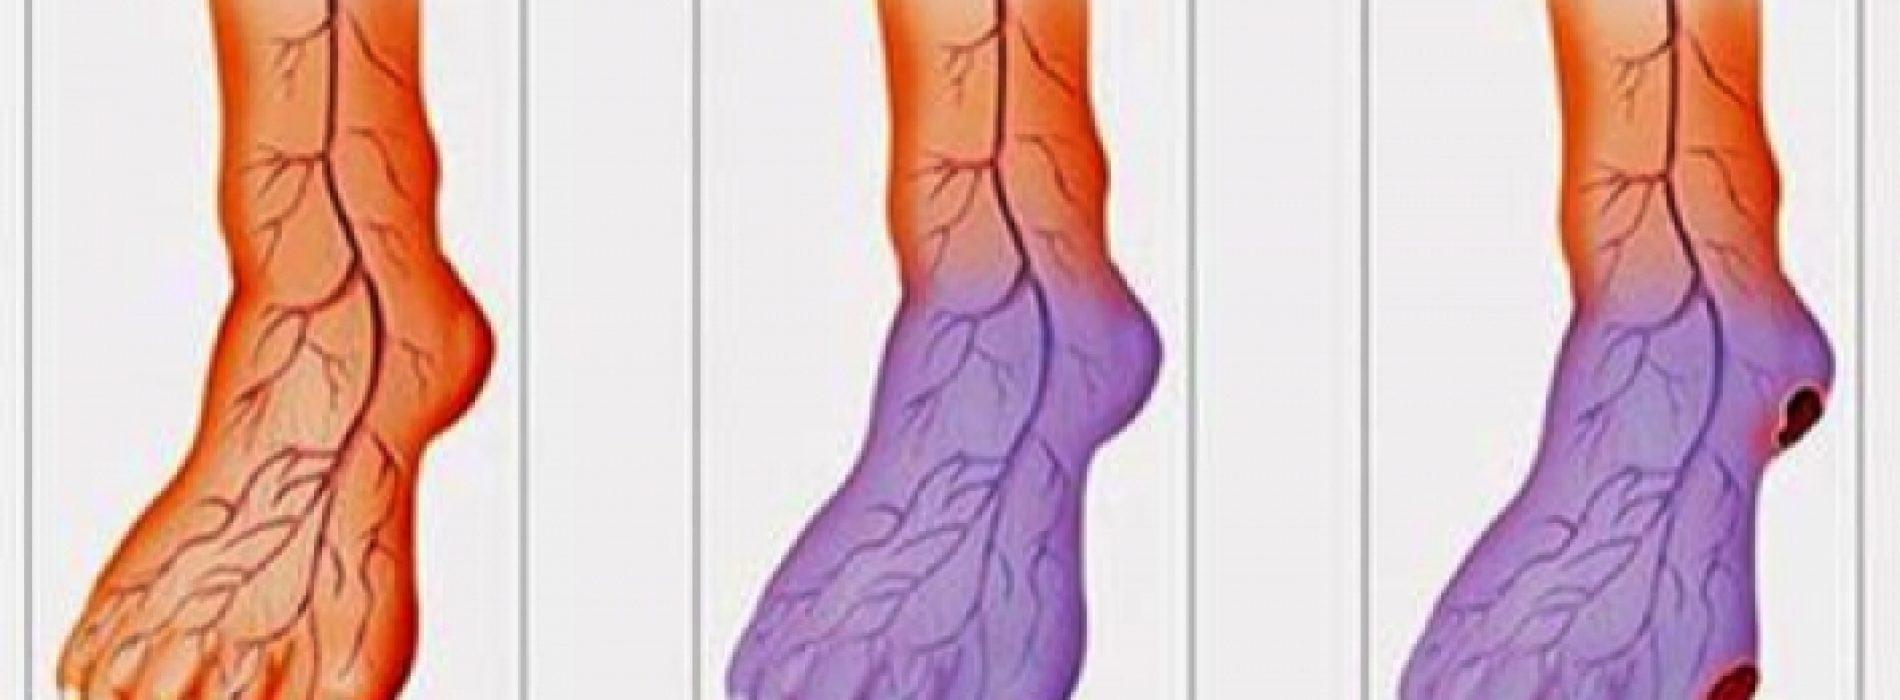 Deze tips verbeteren je bloedsomloop! Je zult je heel snel beter voelen!